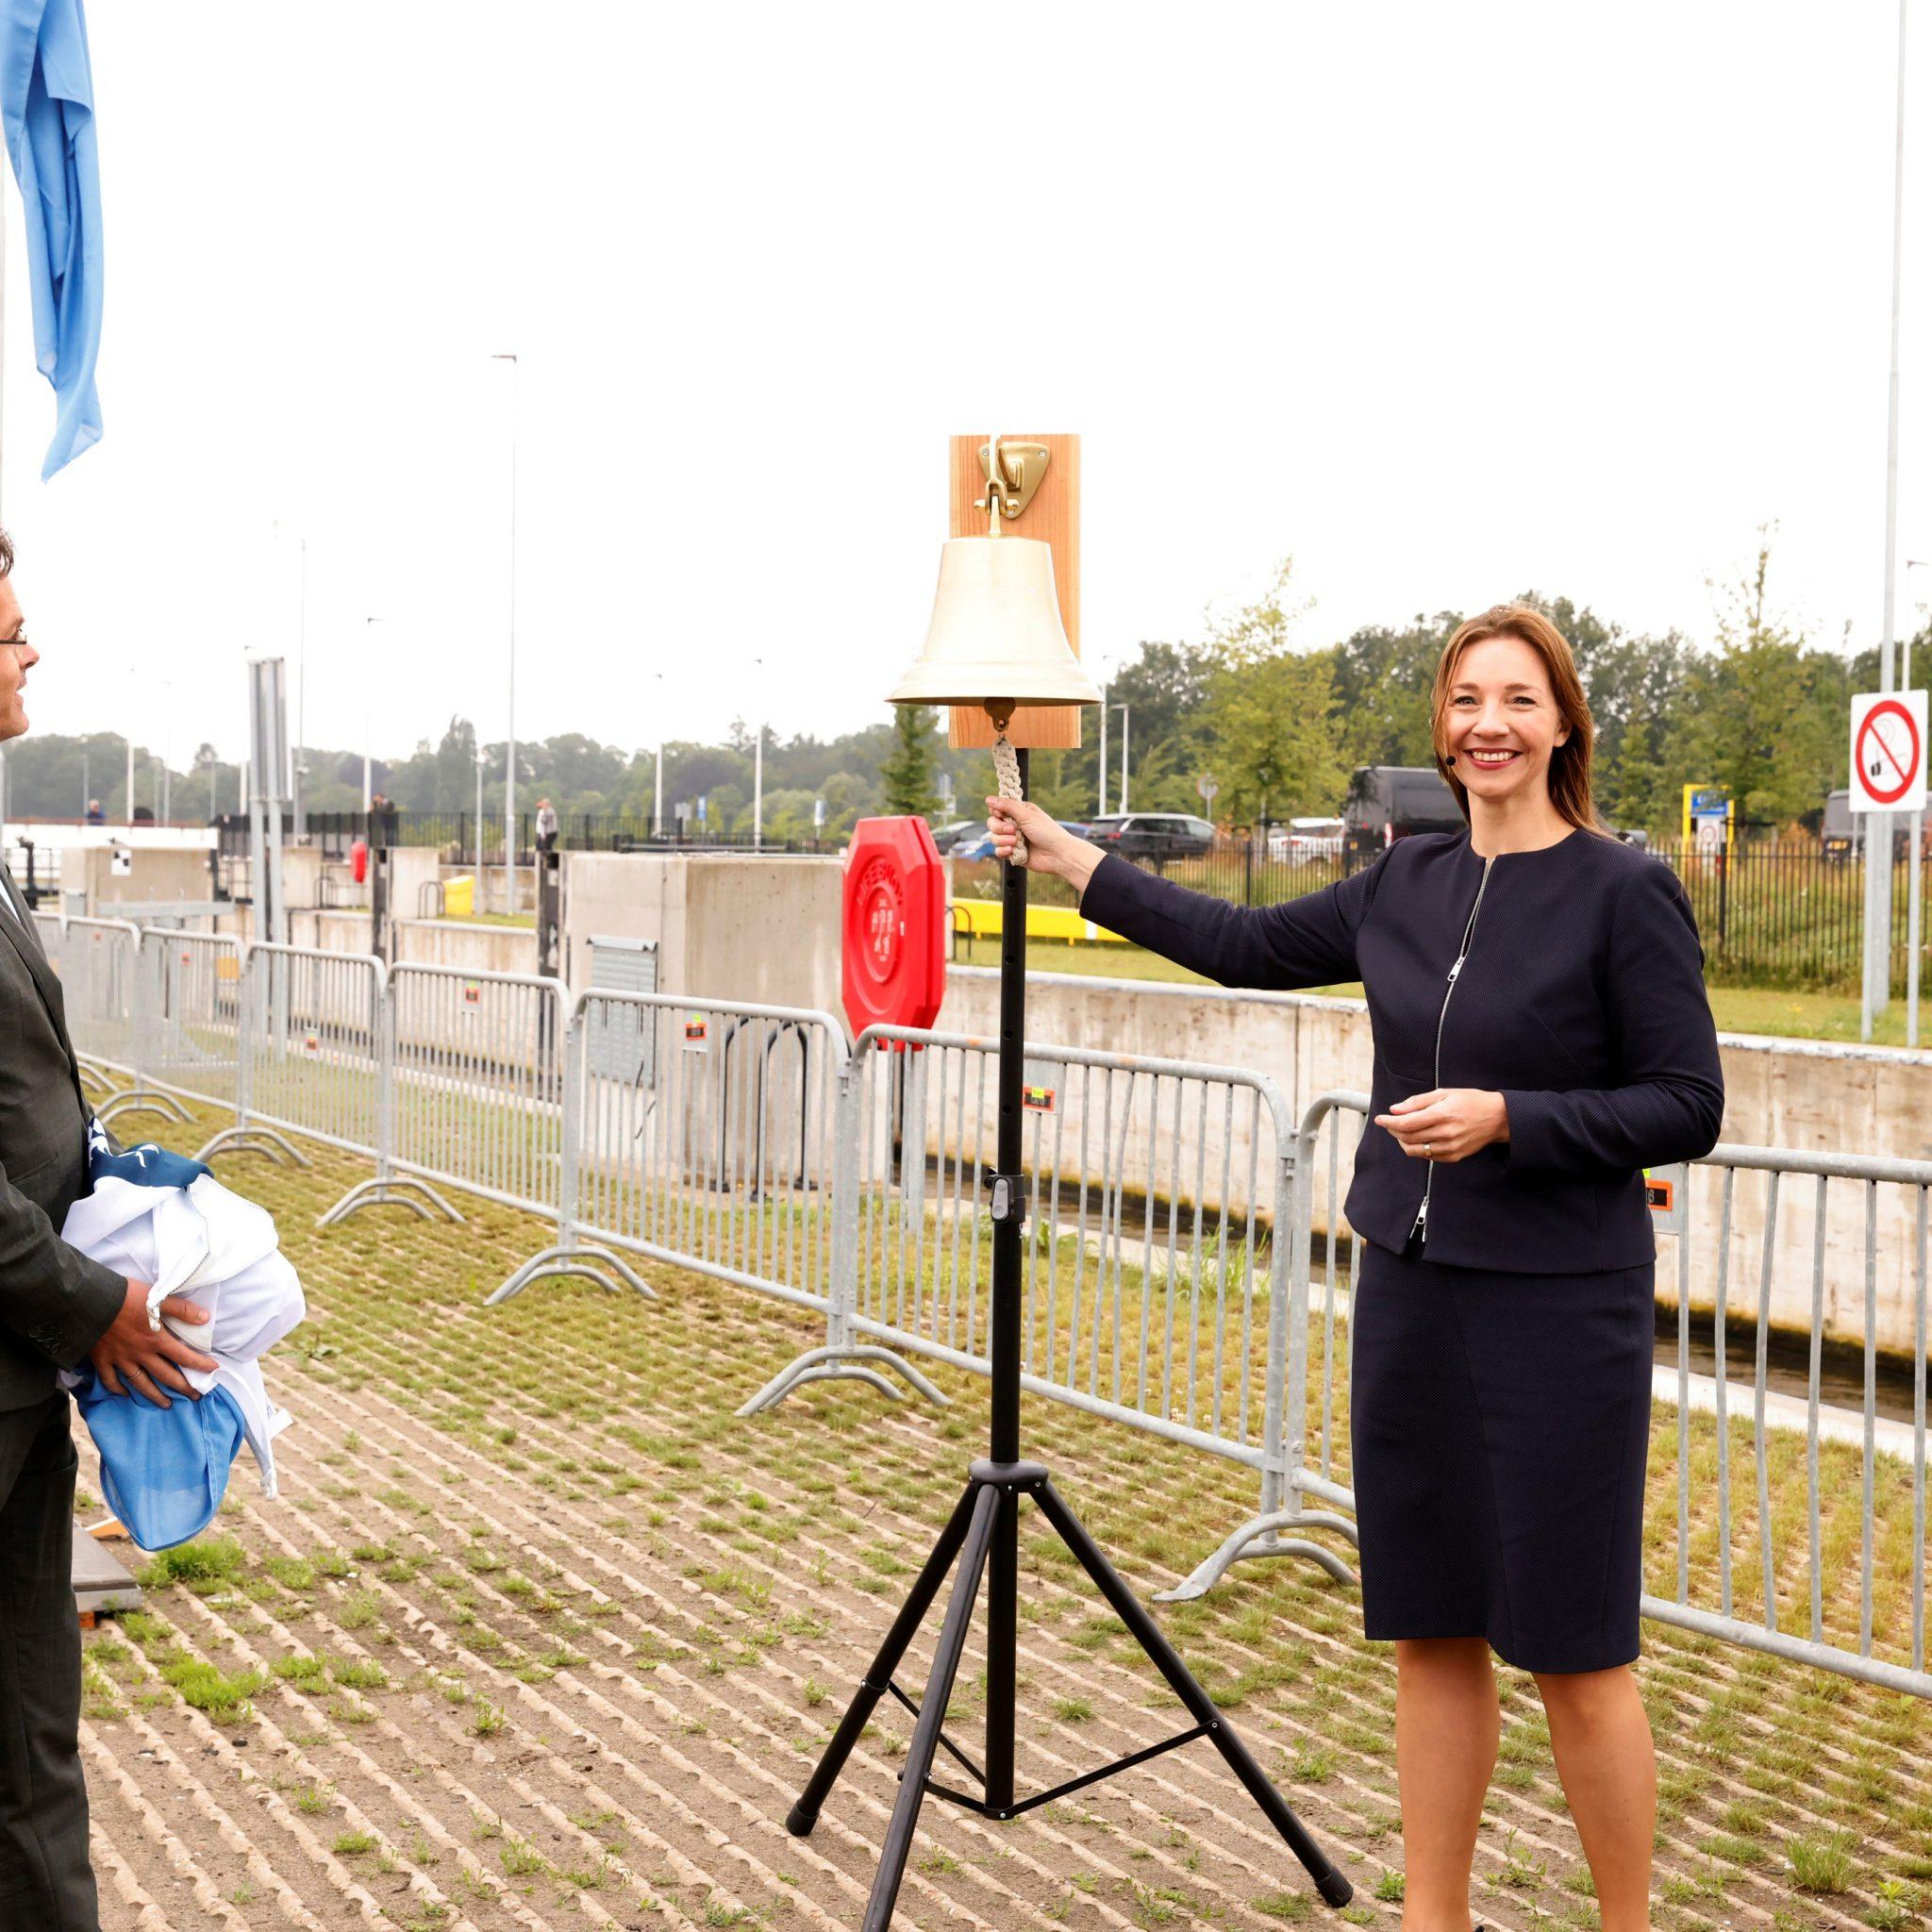 Marjolijn van de Zandschulp van Rijkswaterstaat Oost-Nederland luidt de bel. (Foto Rijkswaterstaat)